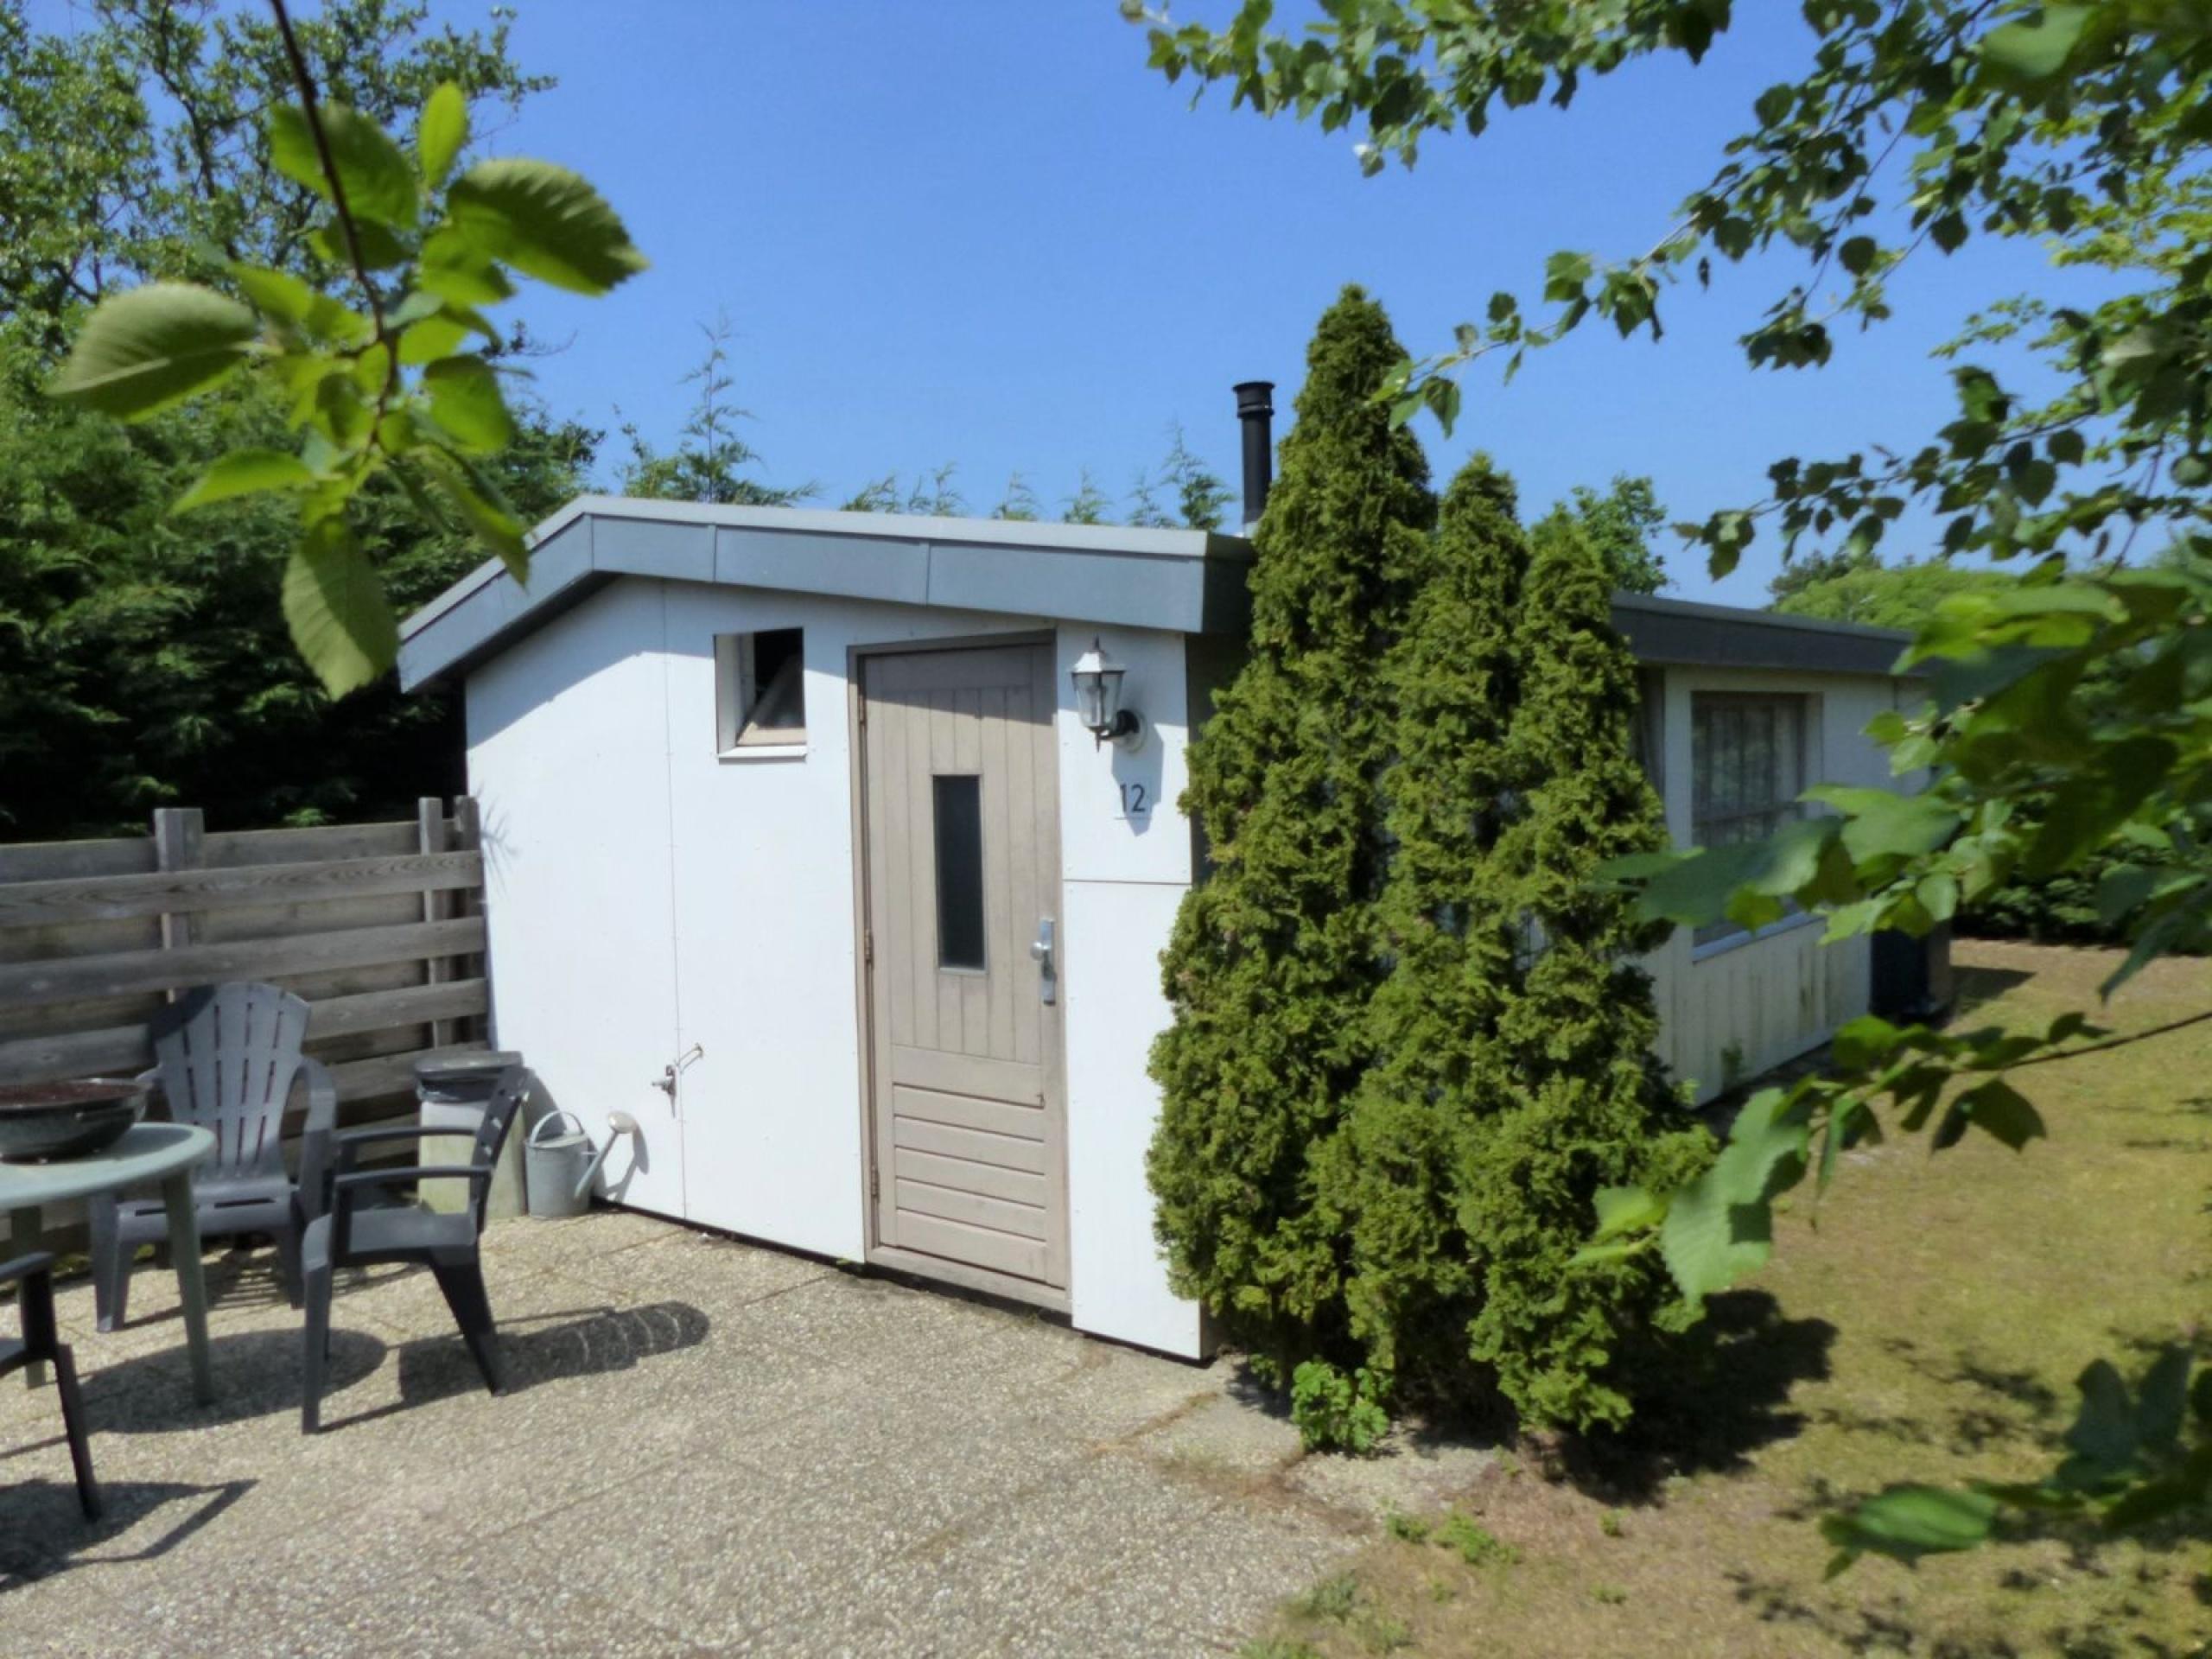 Knus vakantiehuis met ideale ligging aan de rand van De Koog